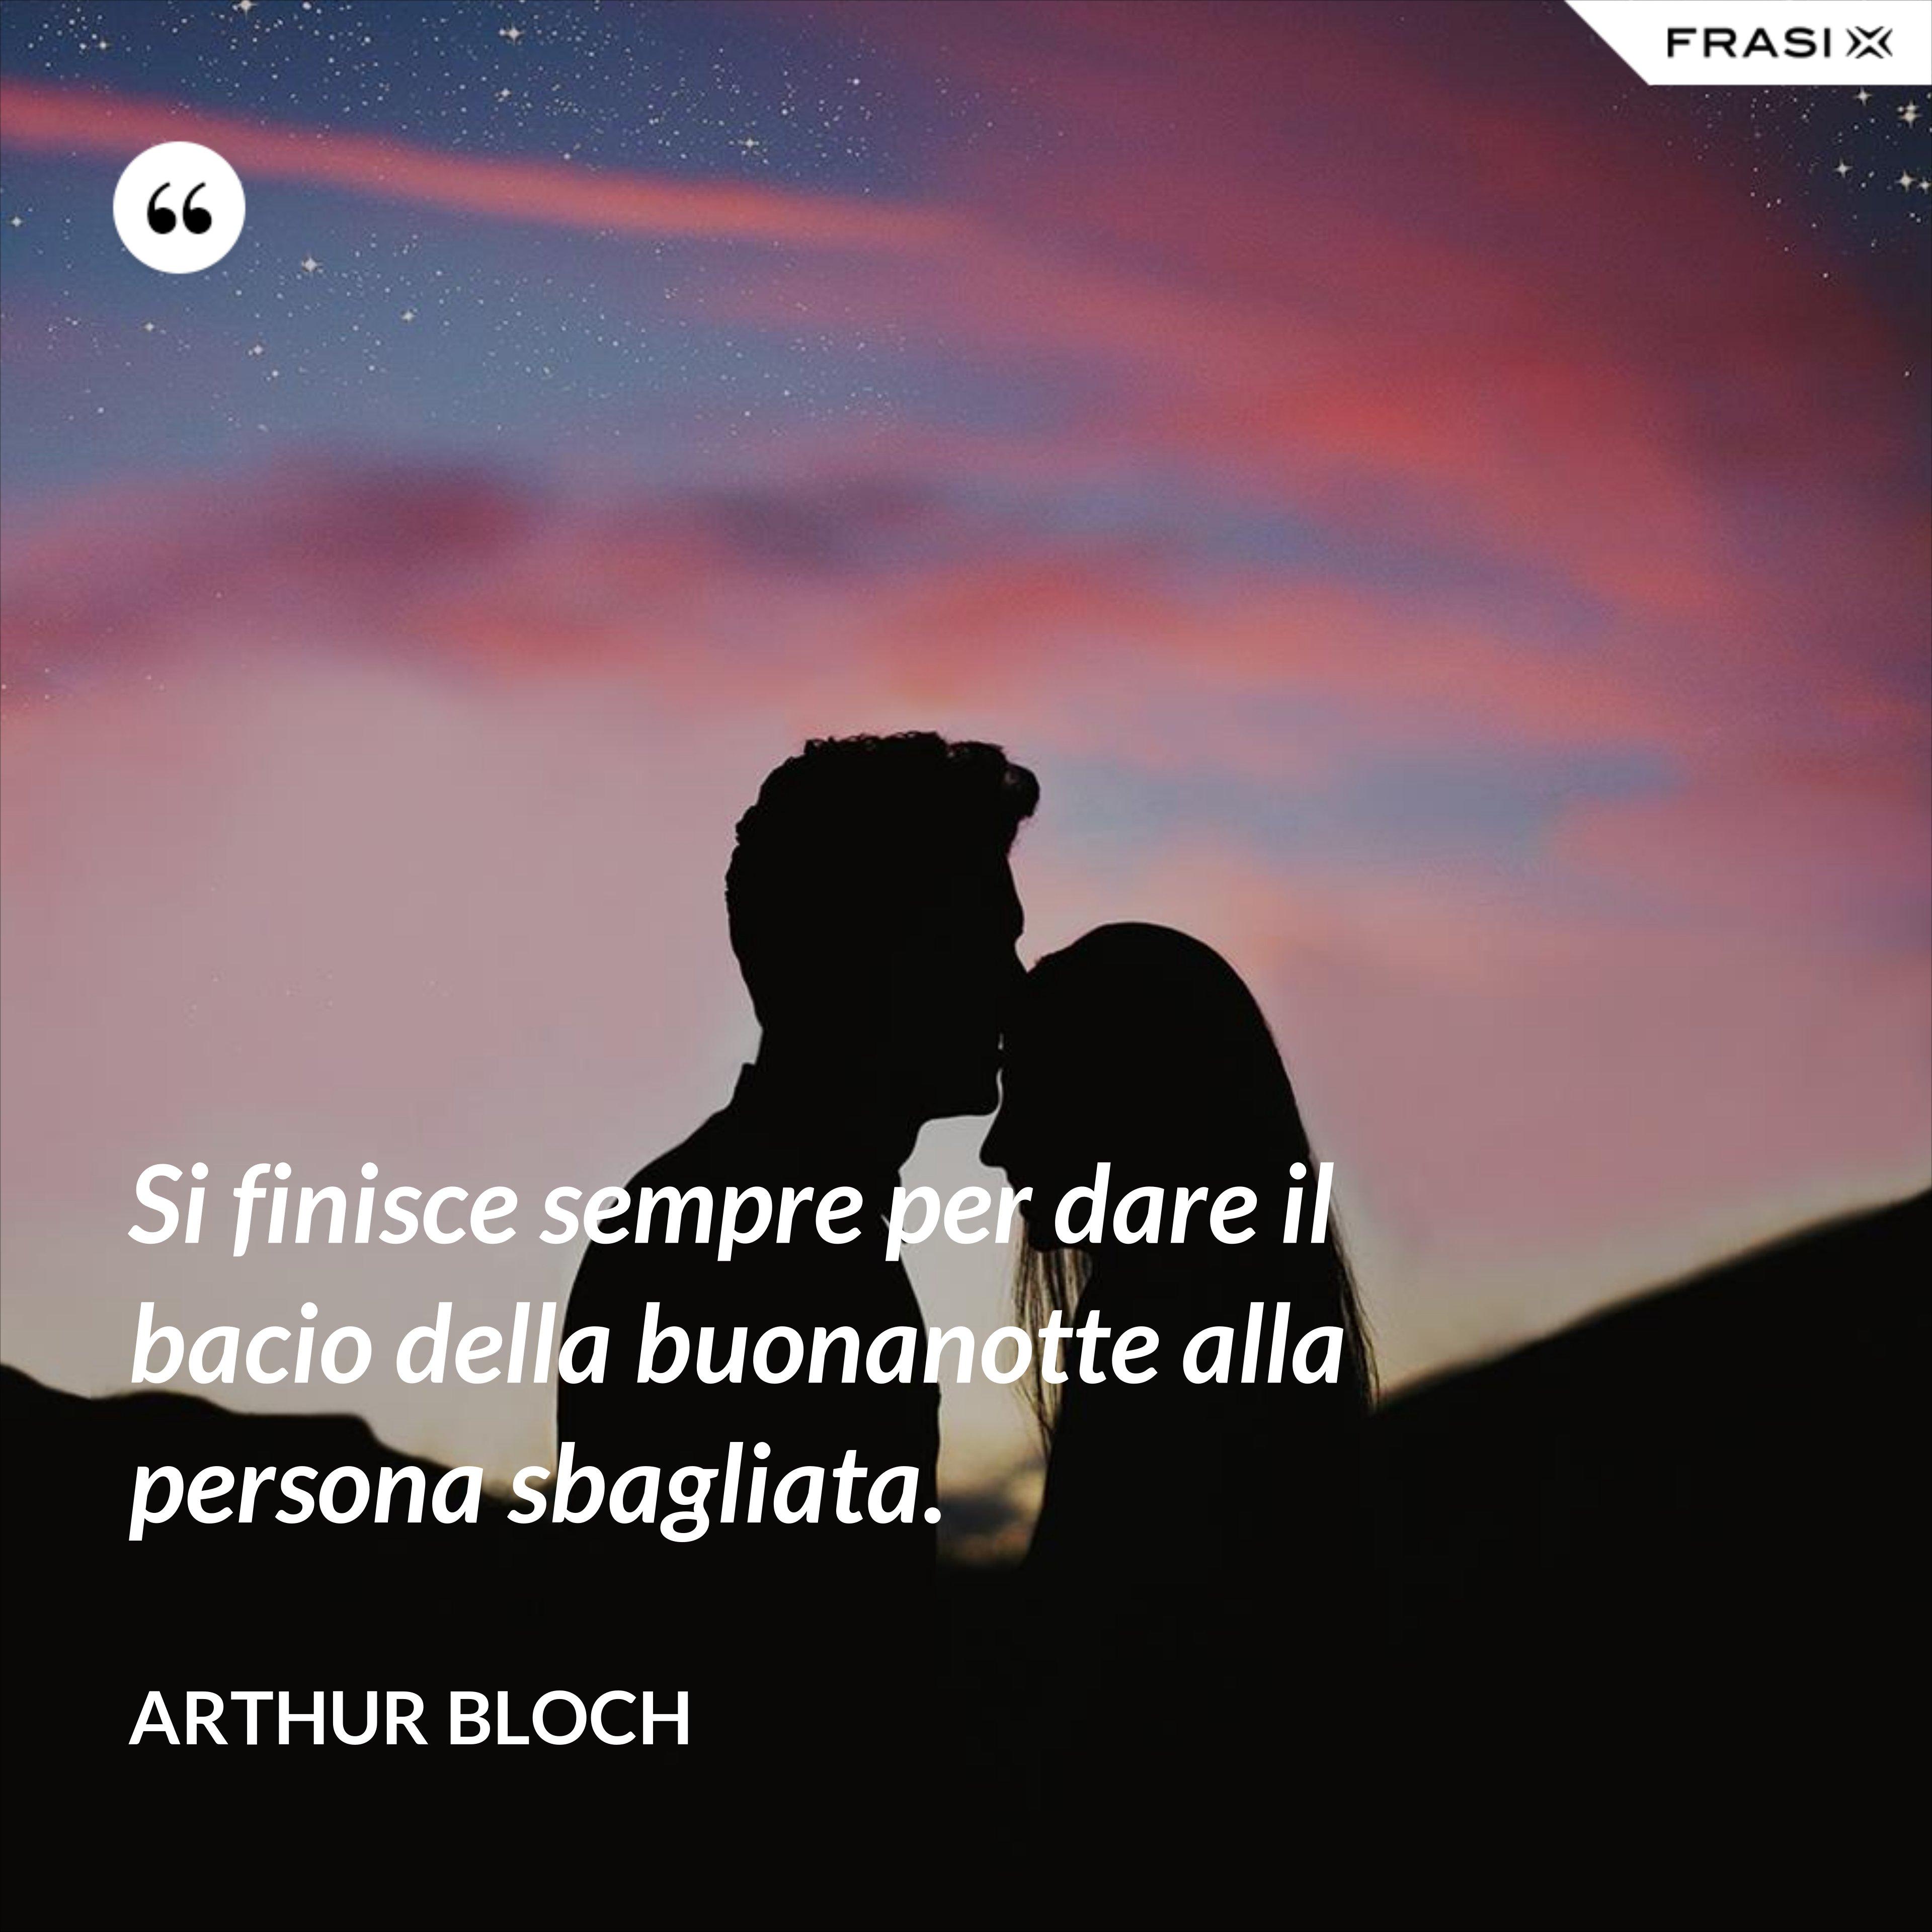 Si finisce sempre per dare il bacio della buonanotte alla persona sbagliata. - Arthur Bloch